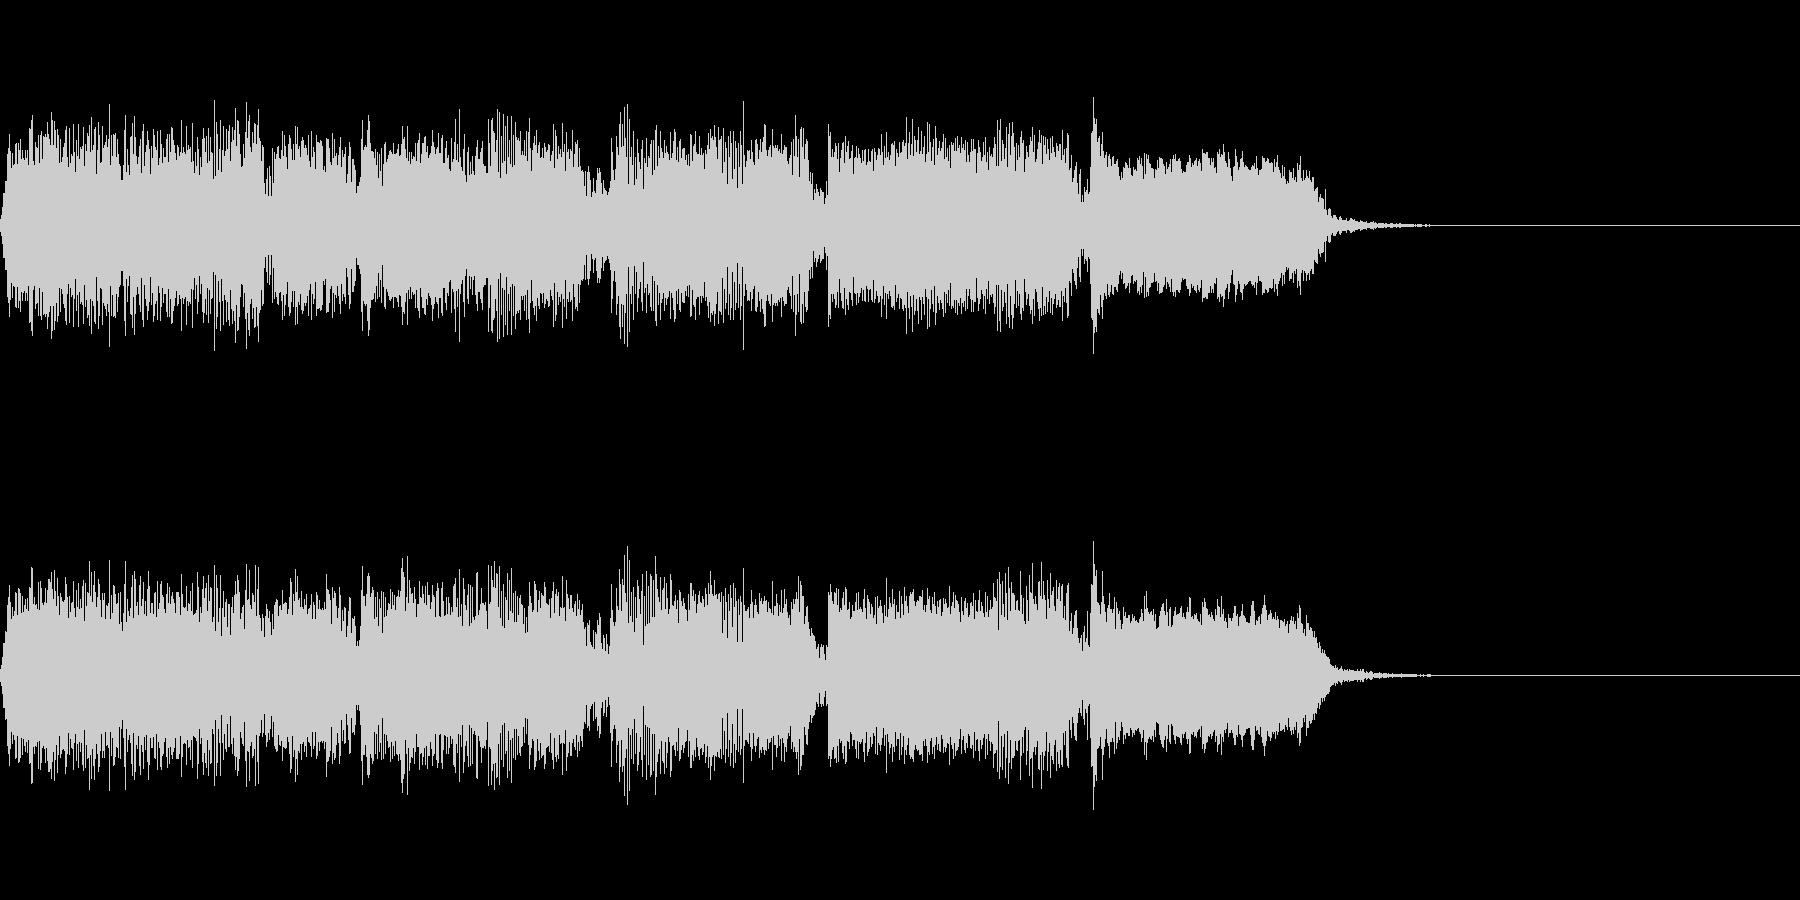 Guitarジングル2元気なハードロックの未再生の波形